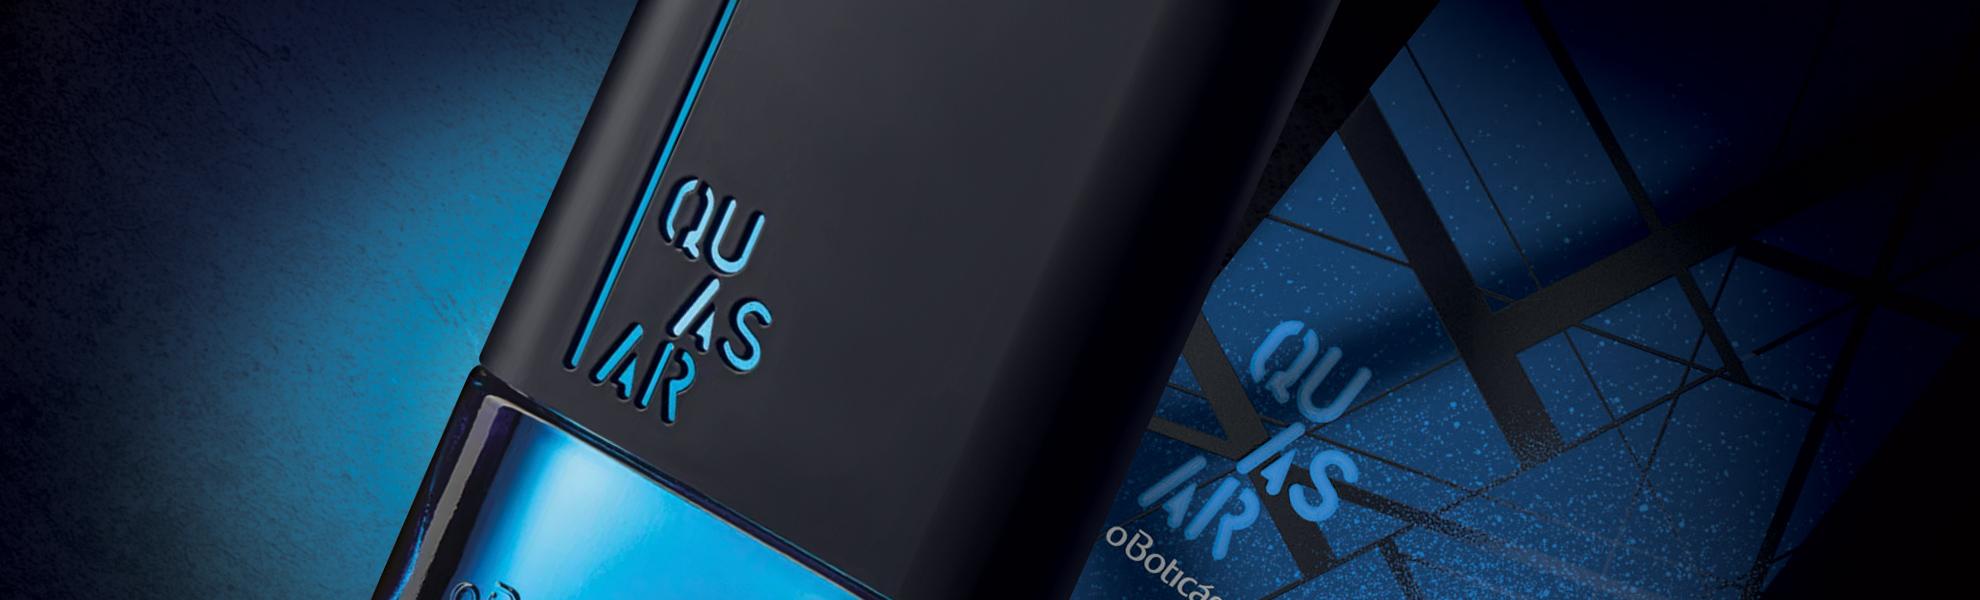 chelles-e-hayashi-design-portfolio-boticario-quasar-perfume-produto-marca-grafico-embalagem